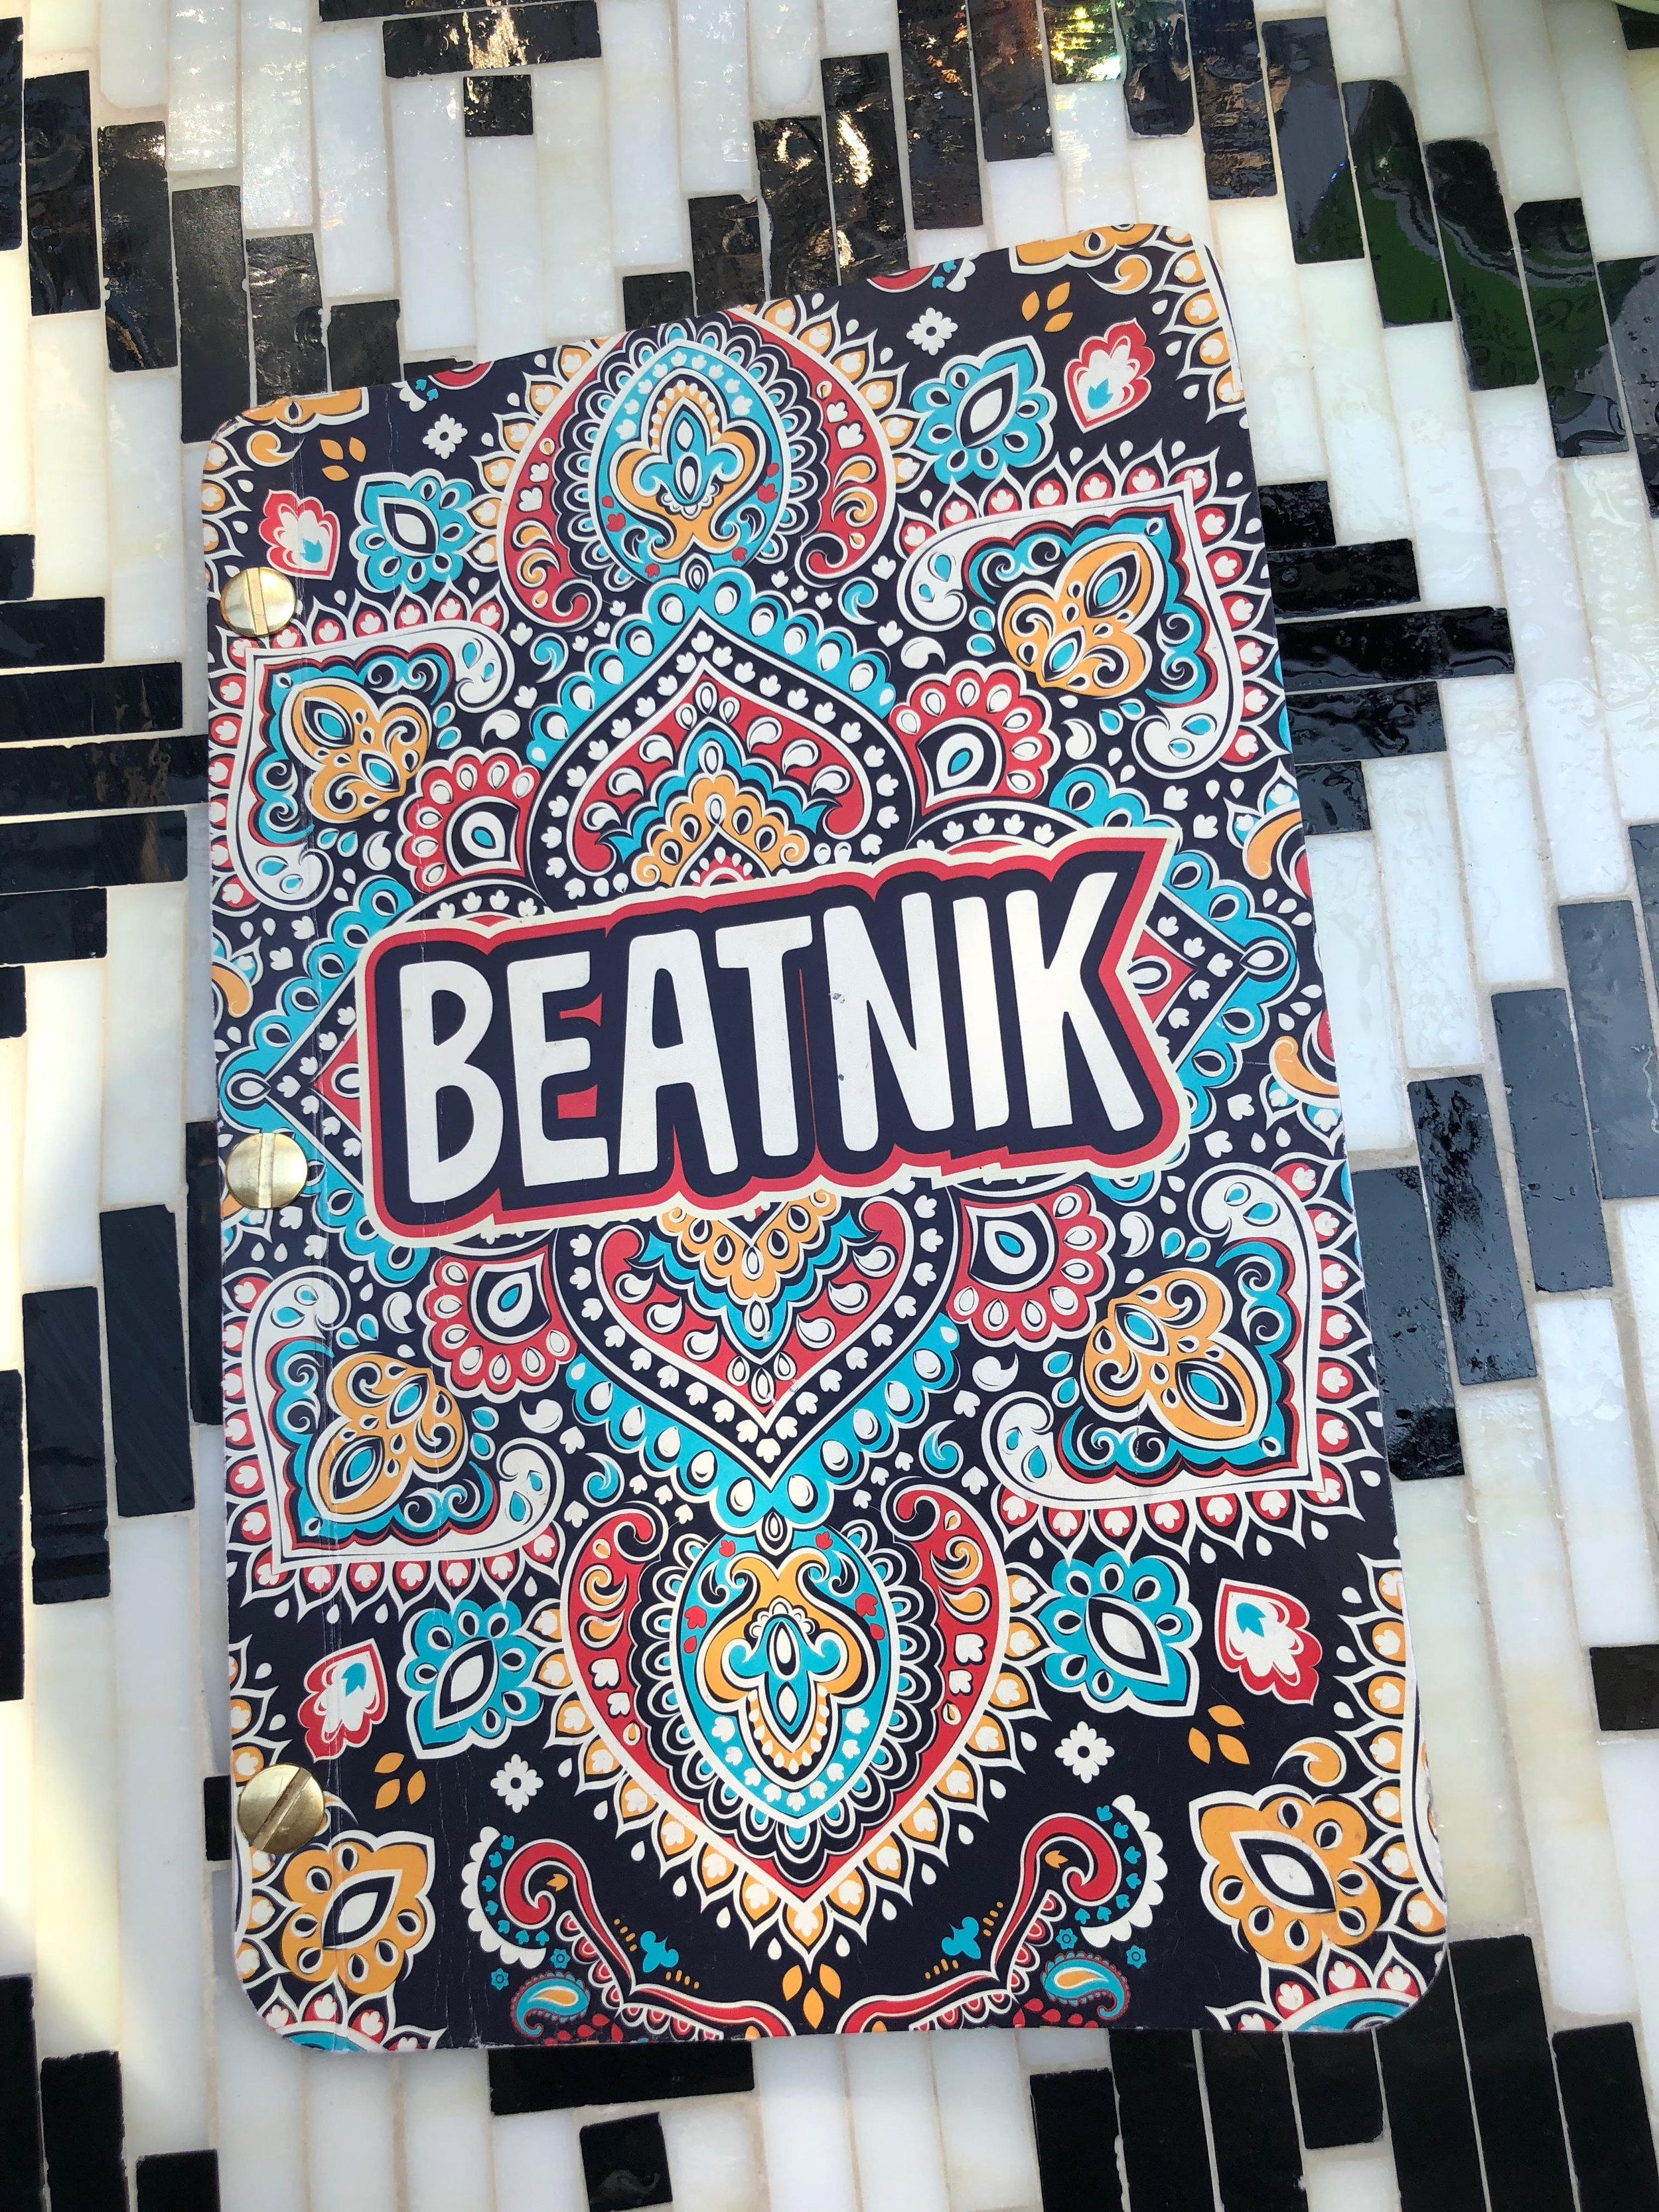 beatnik #1.jpg